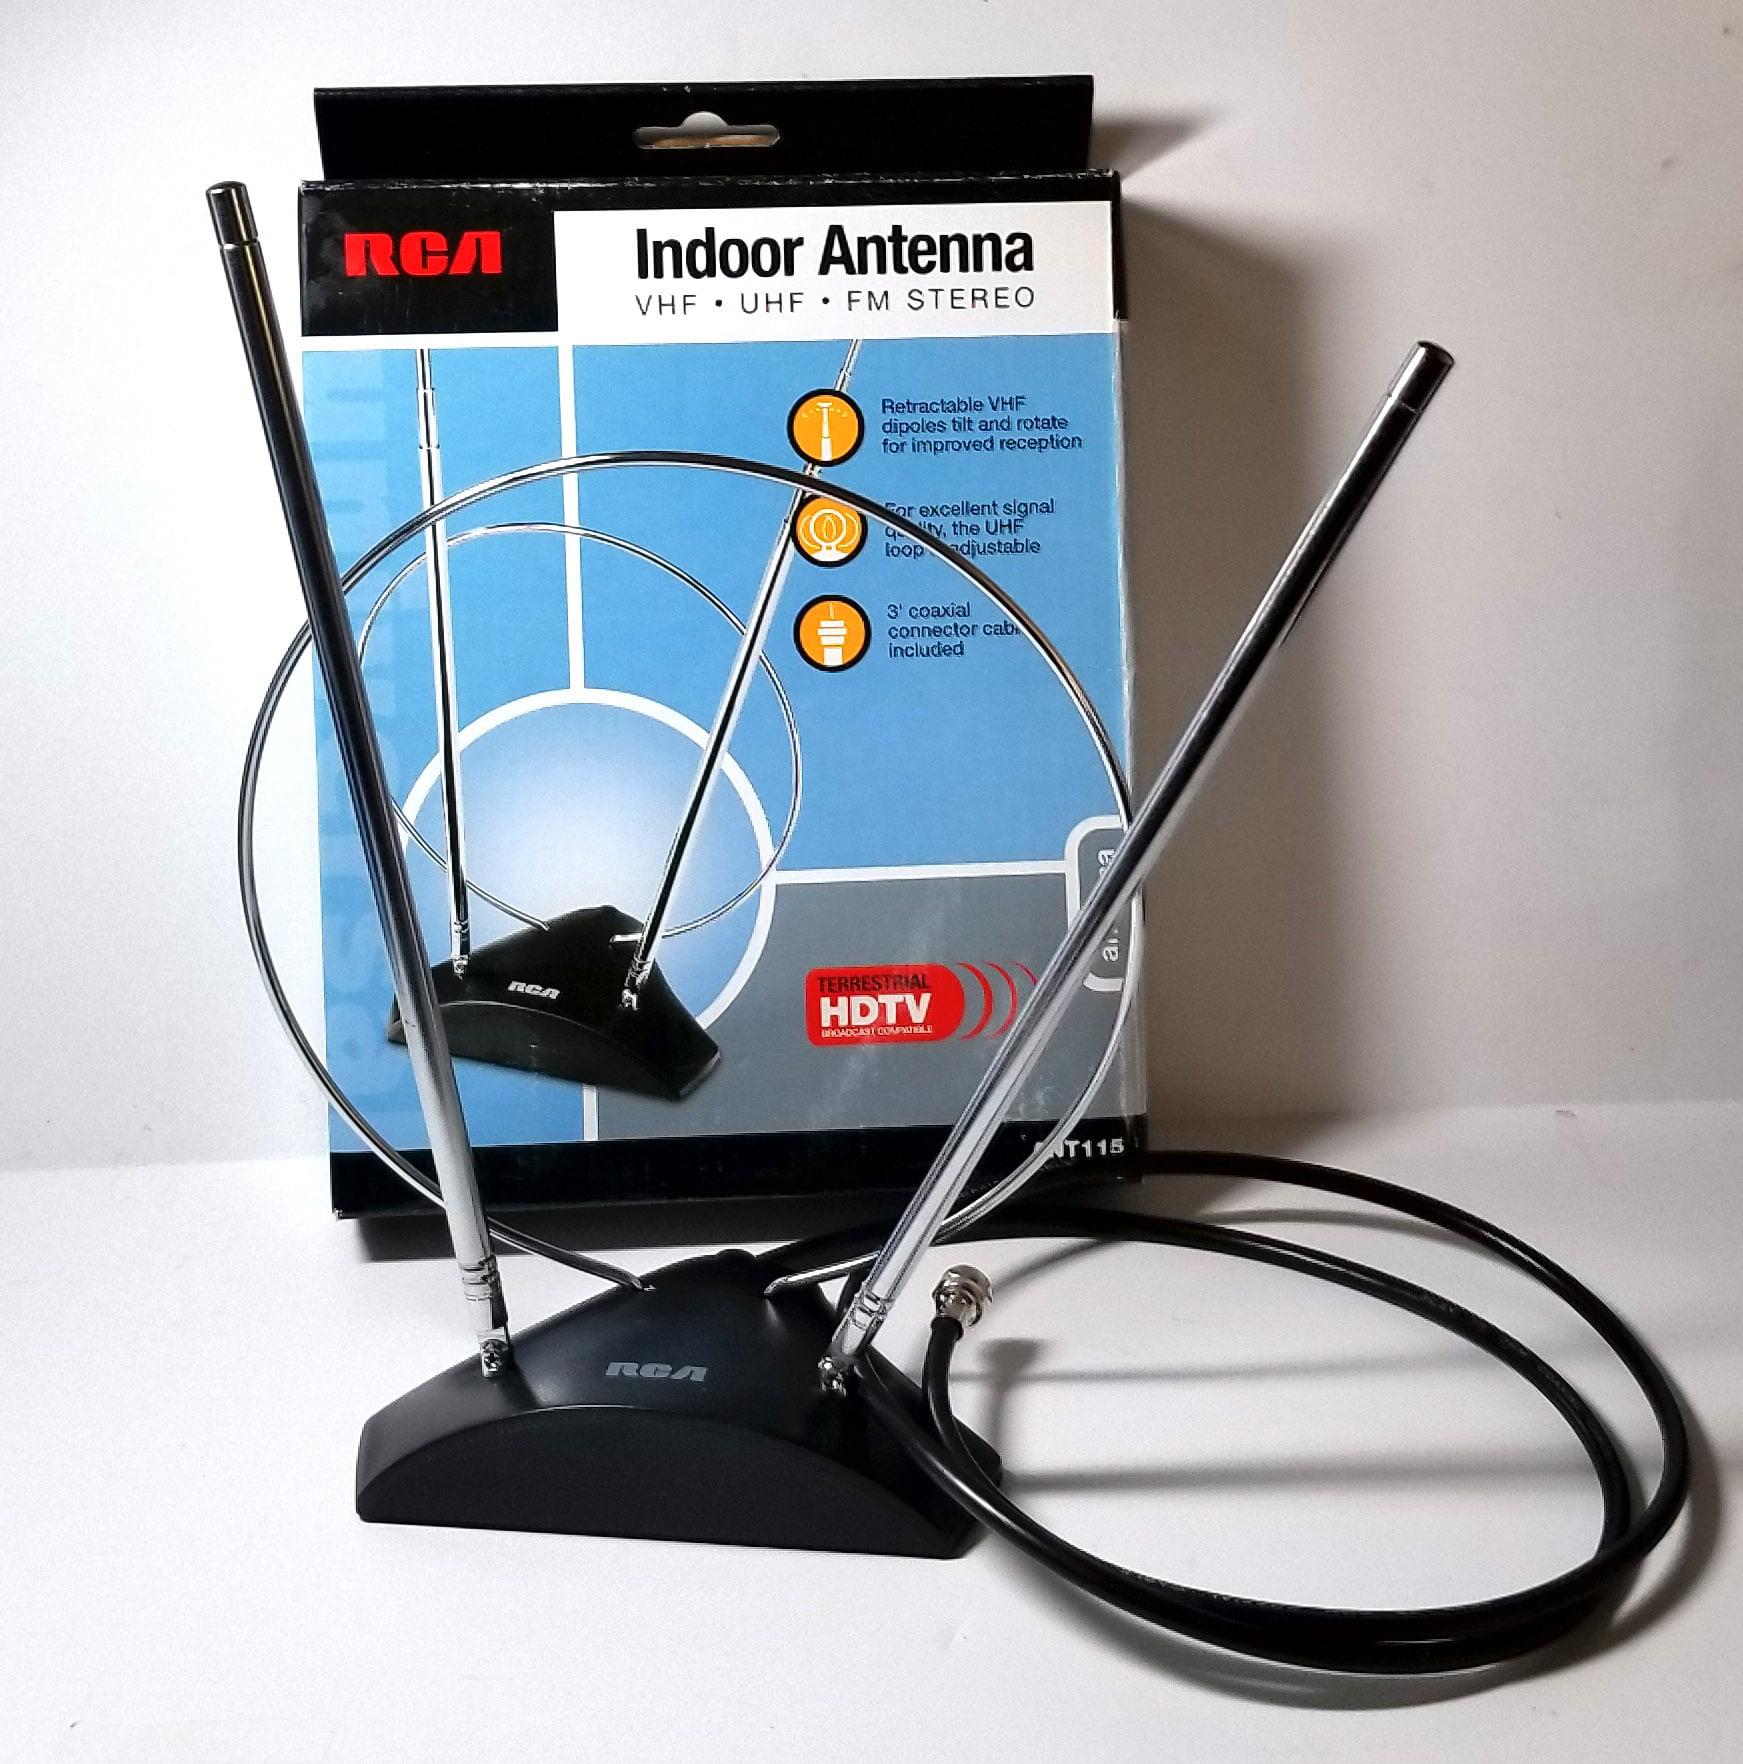 RCA Indoor Antenna HDTV, VHG, UHF, FM Stereo